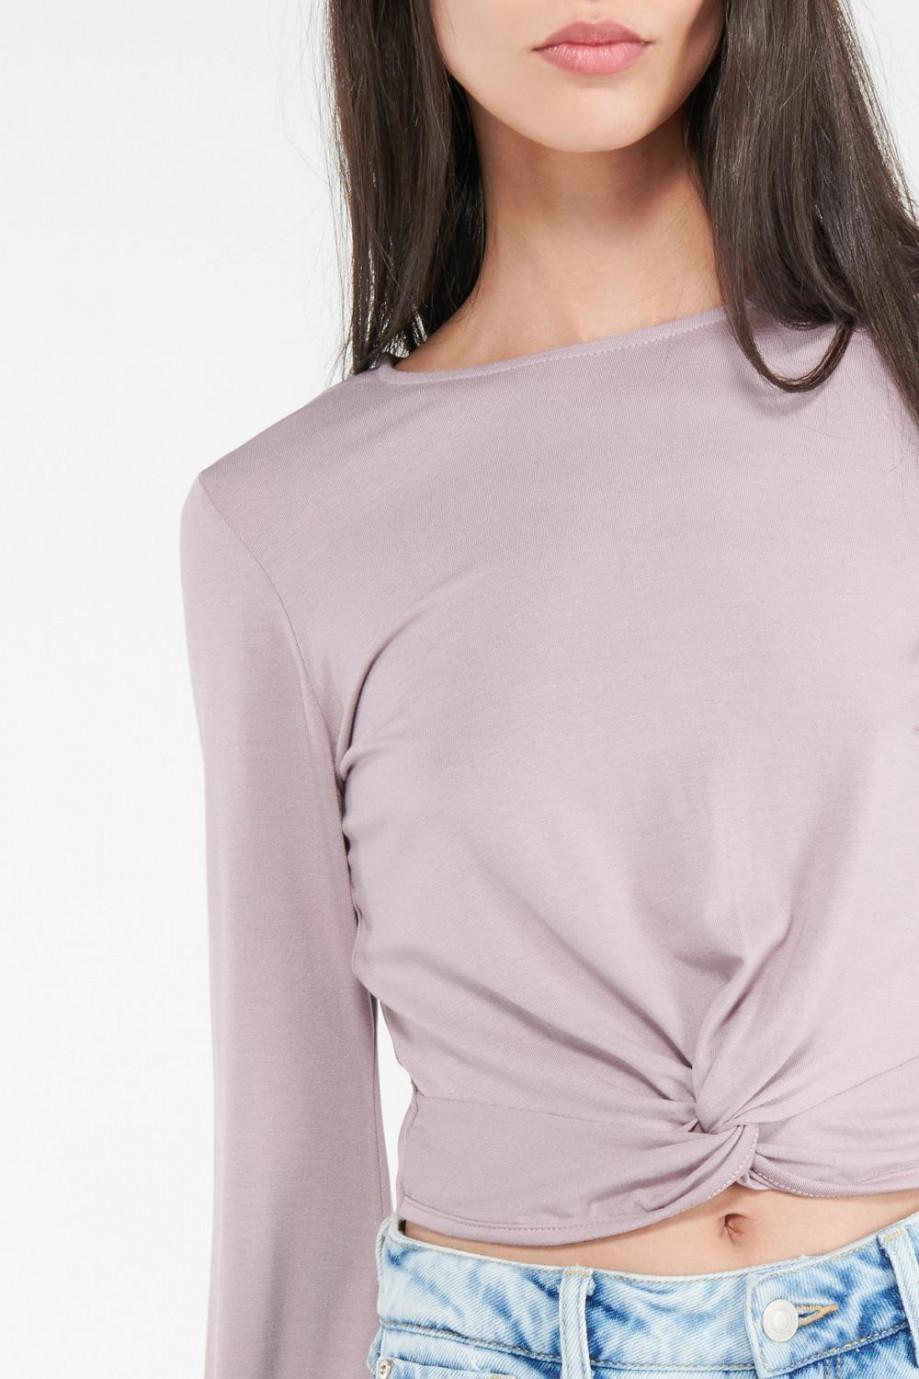 Camiseta manga larga con anudado fijo en frente cintura